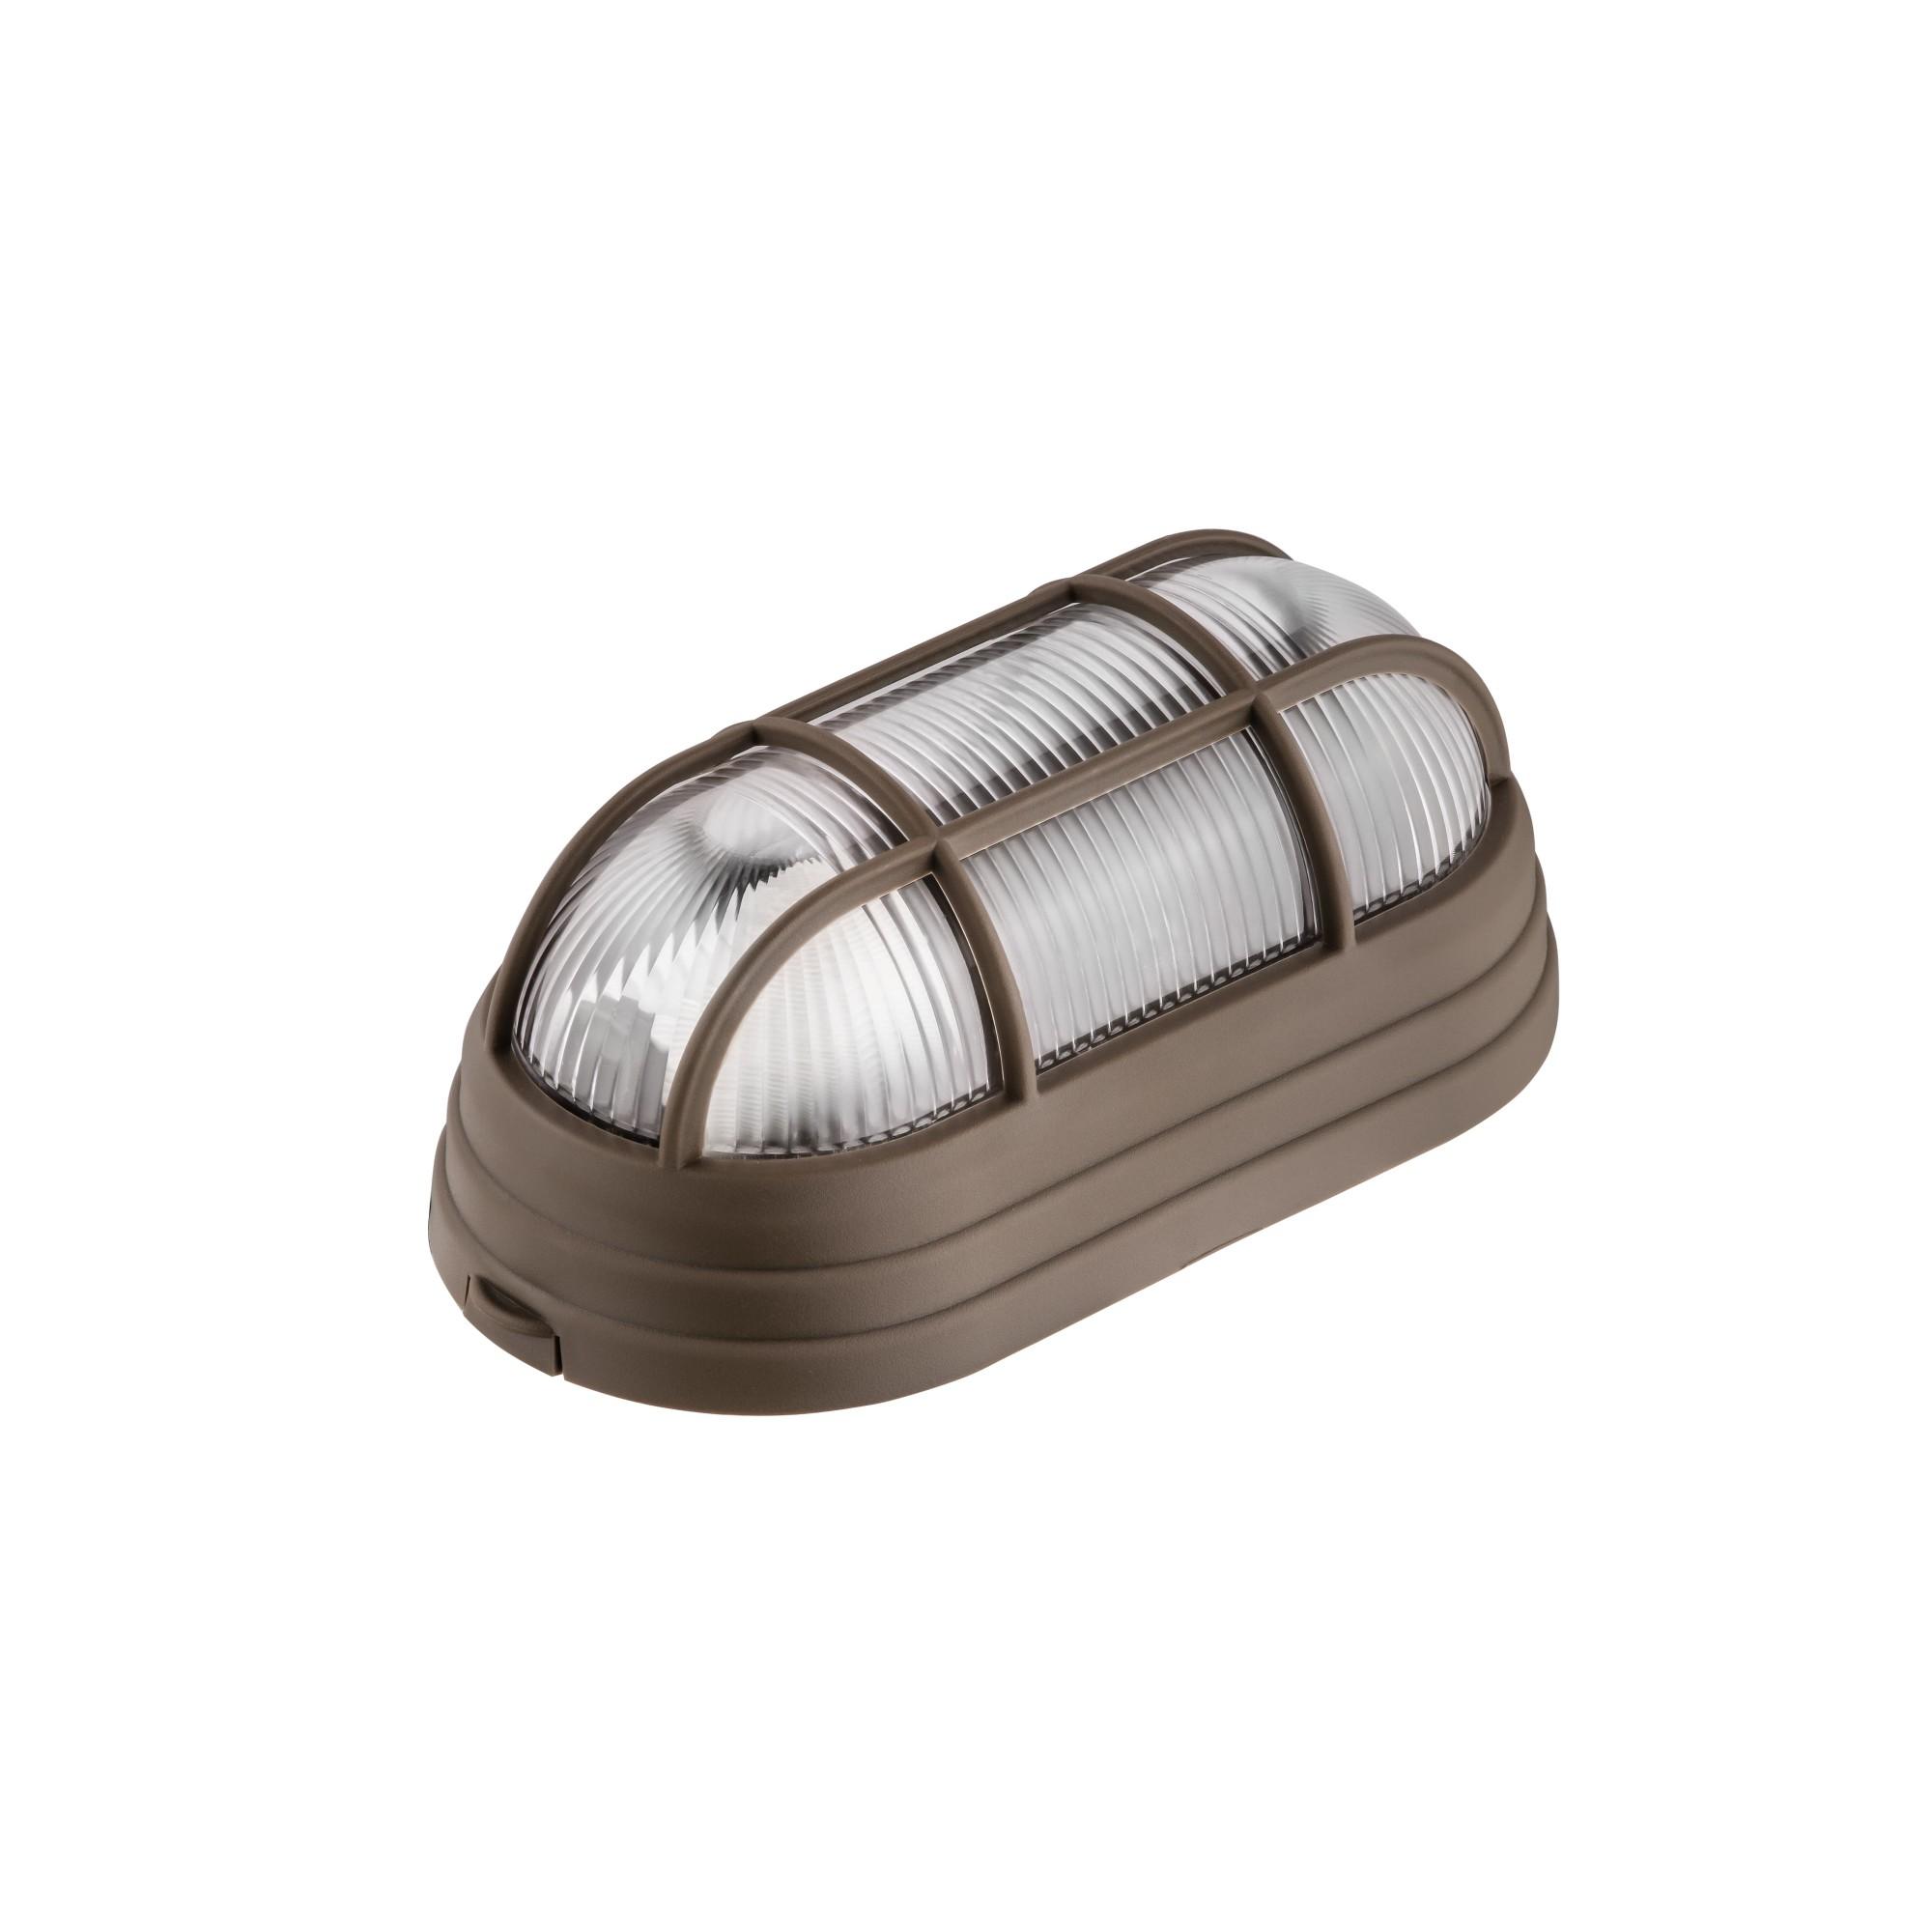 Luminaria Plastica Tartaruga com Grade Bivolt Marrom - Dital